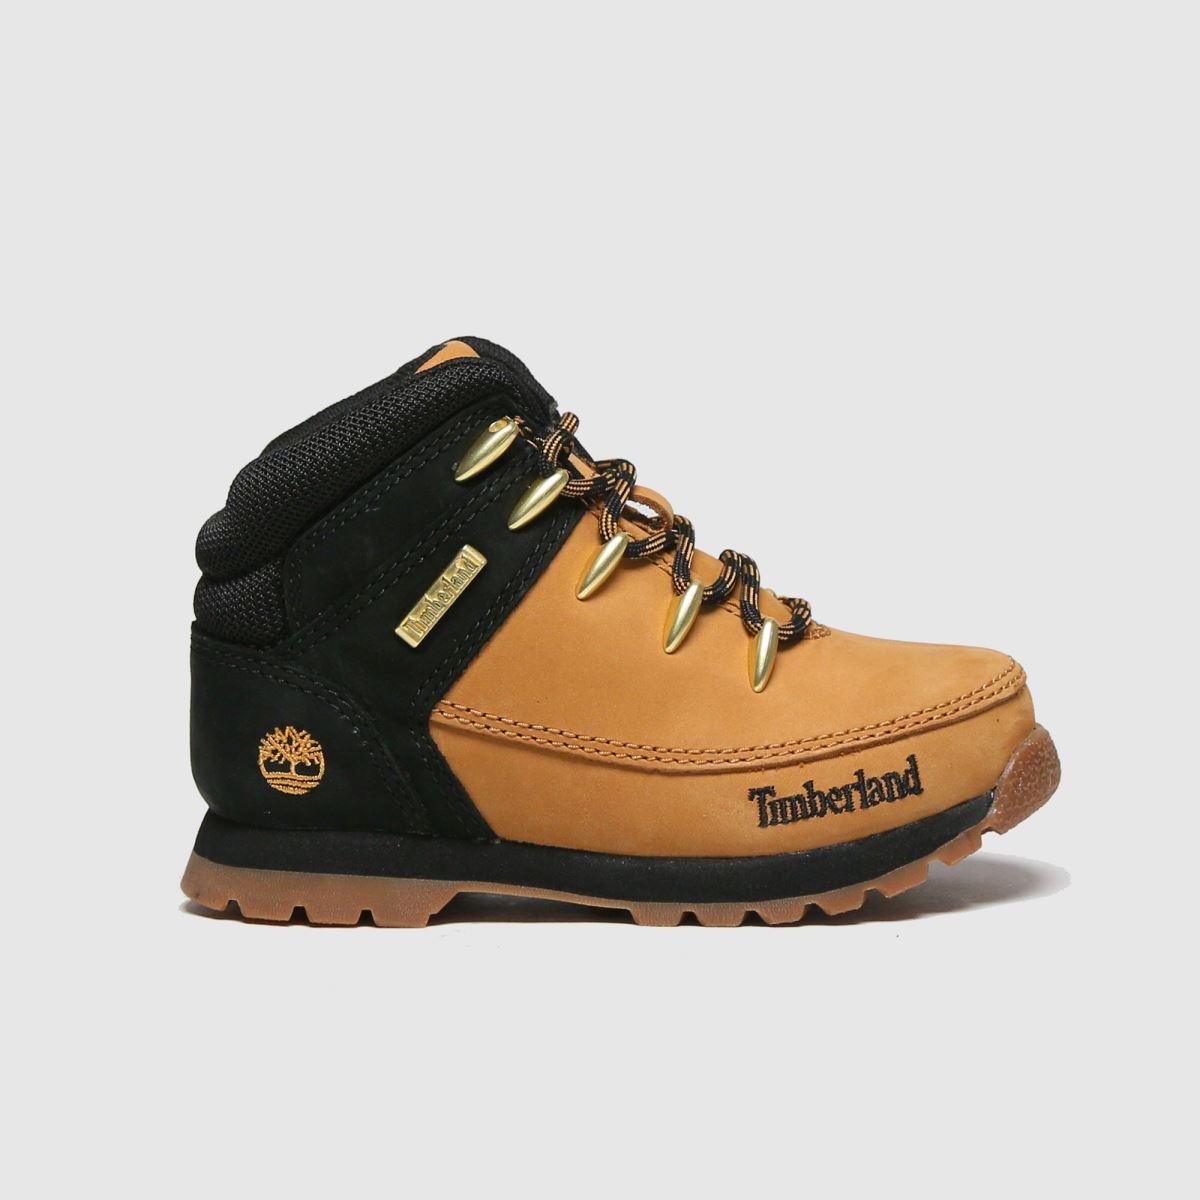 Timberland Natural Euro Sprint Boots Toddler